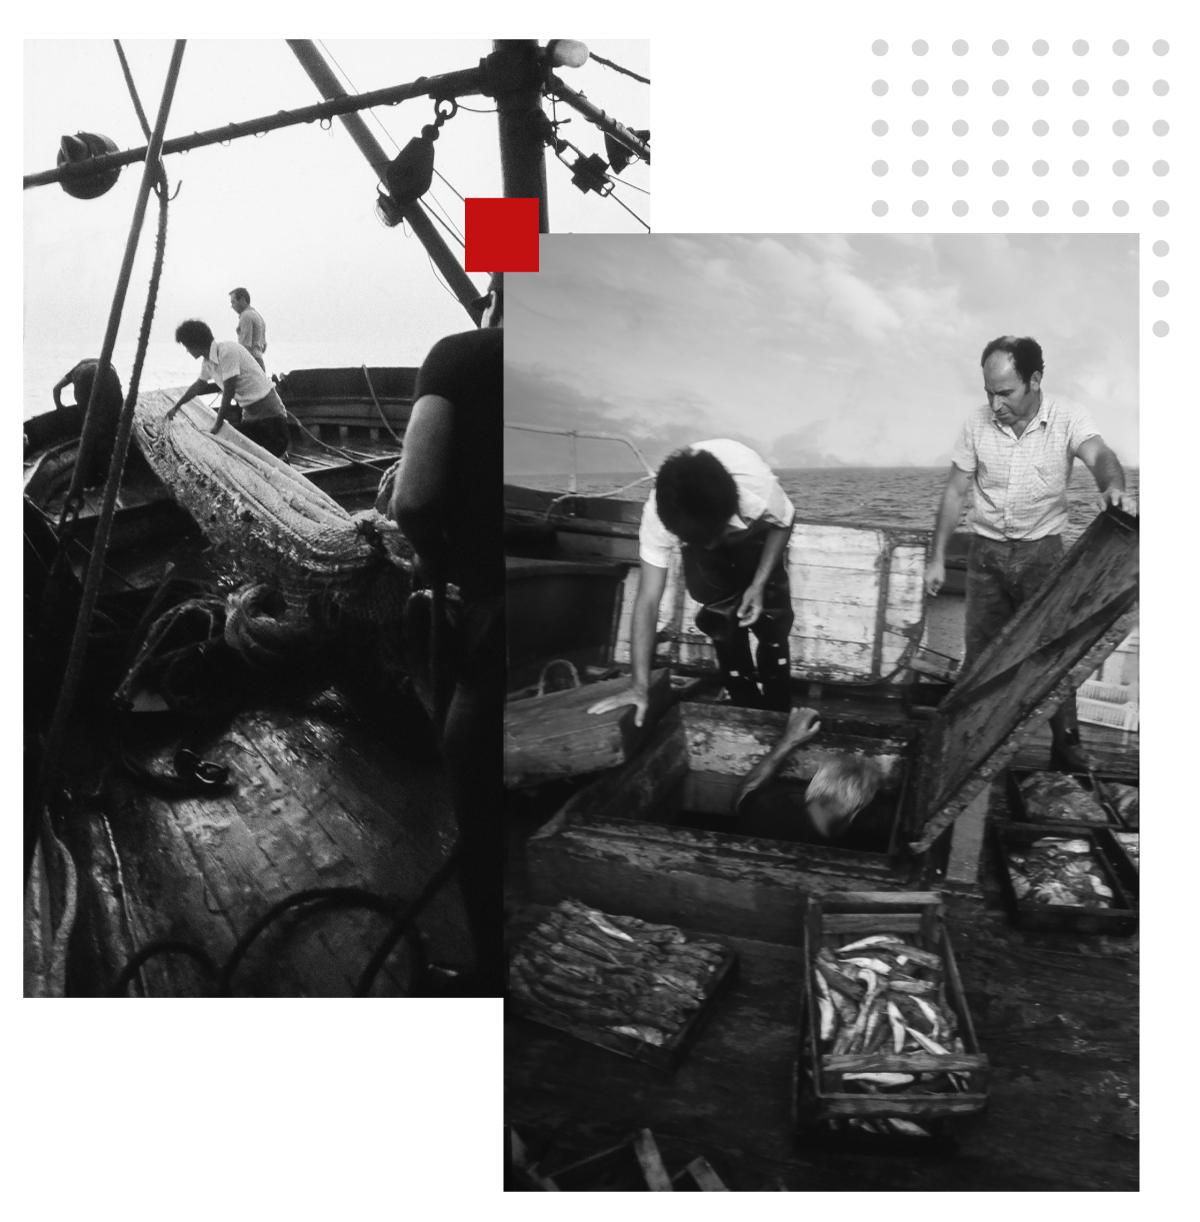 Pescatori di Mazara del Vallo